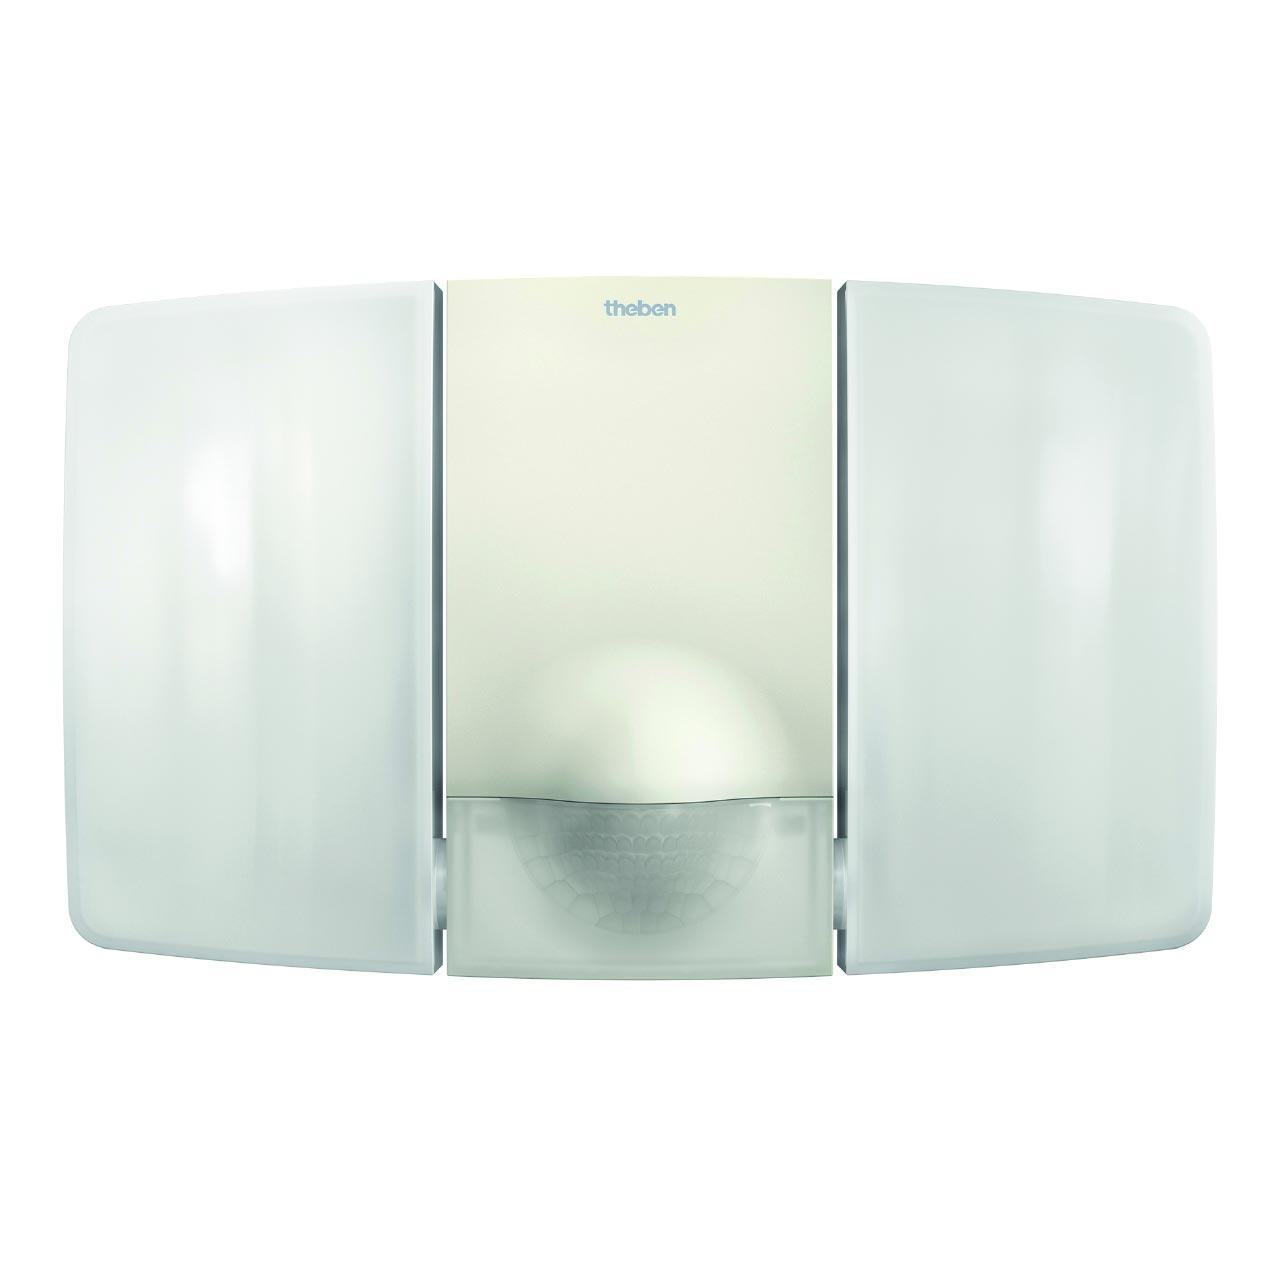 Theben - THB1020943 - PROJECTEUR DETECTEUR LED 102-180 24W 2X 900 LM BLANC